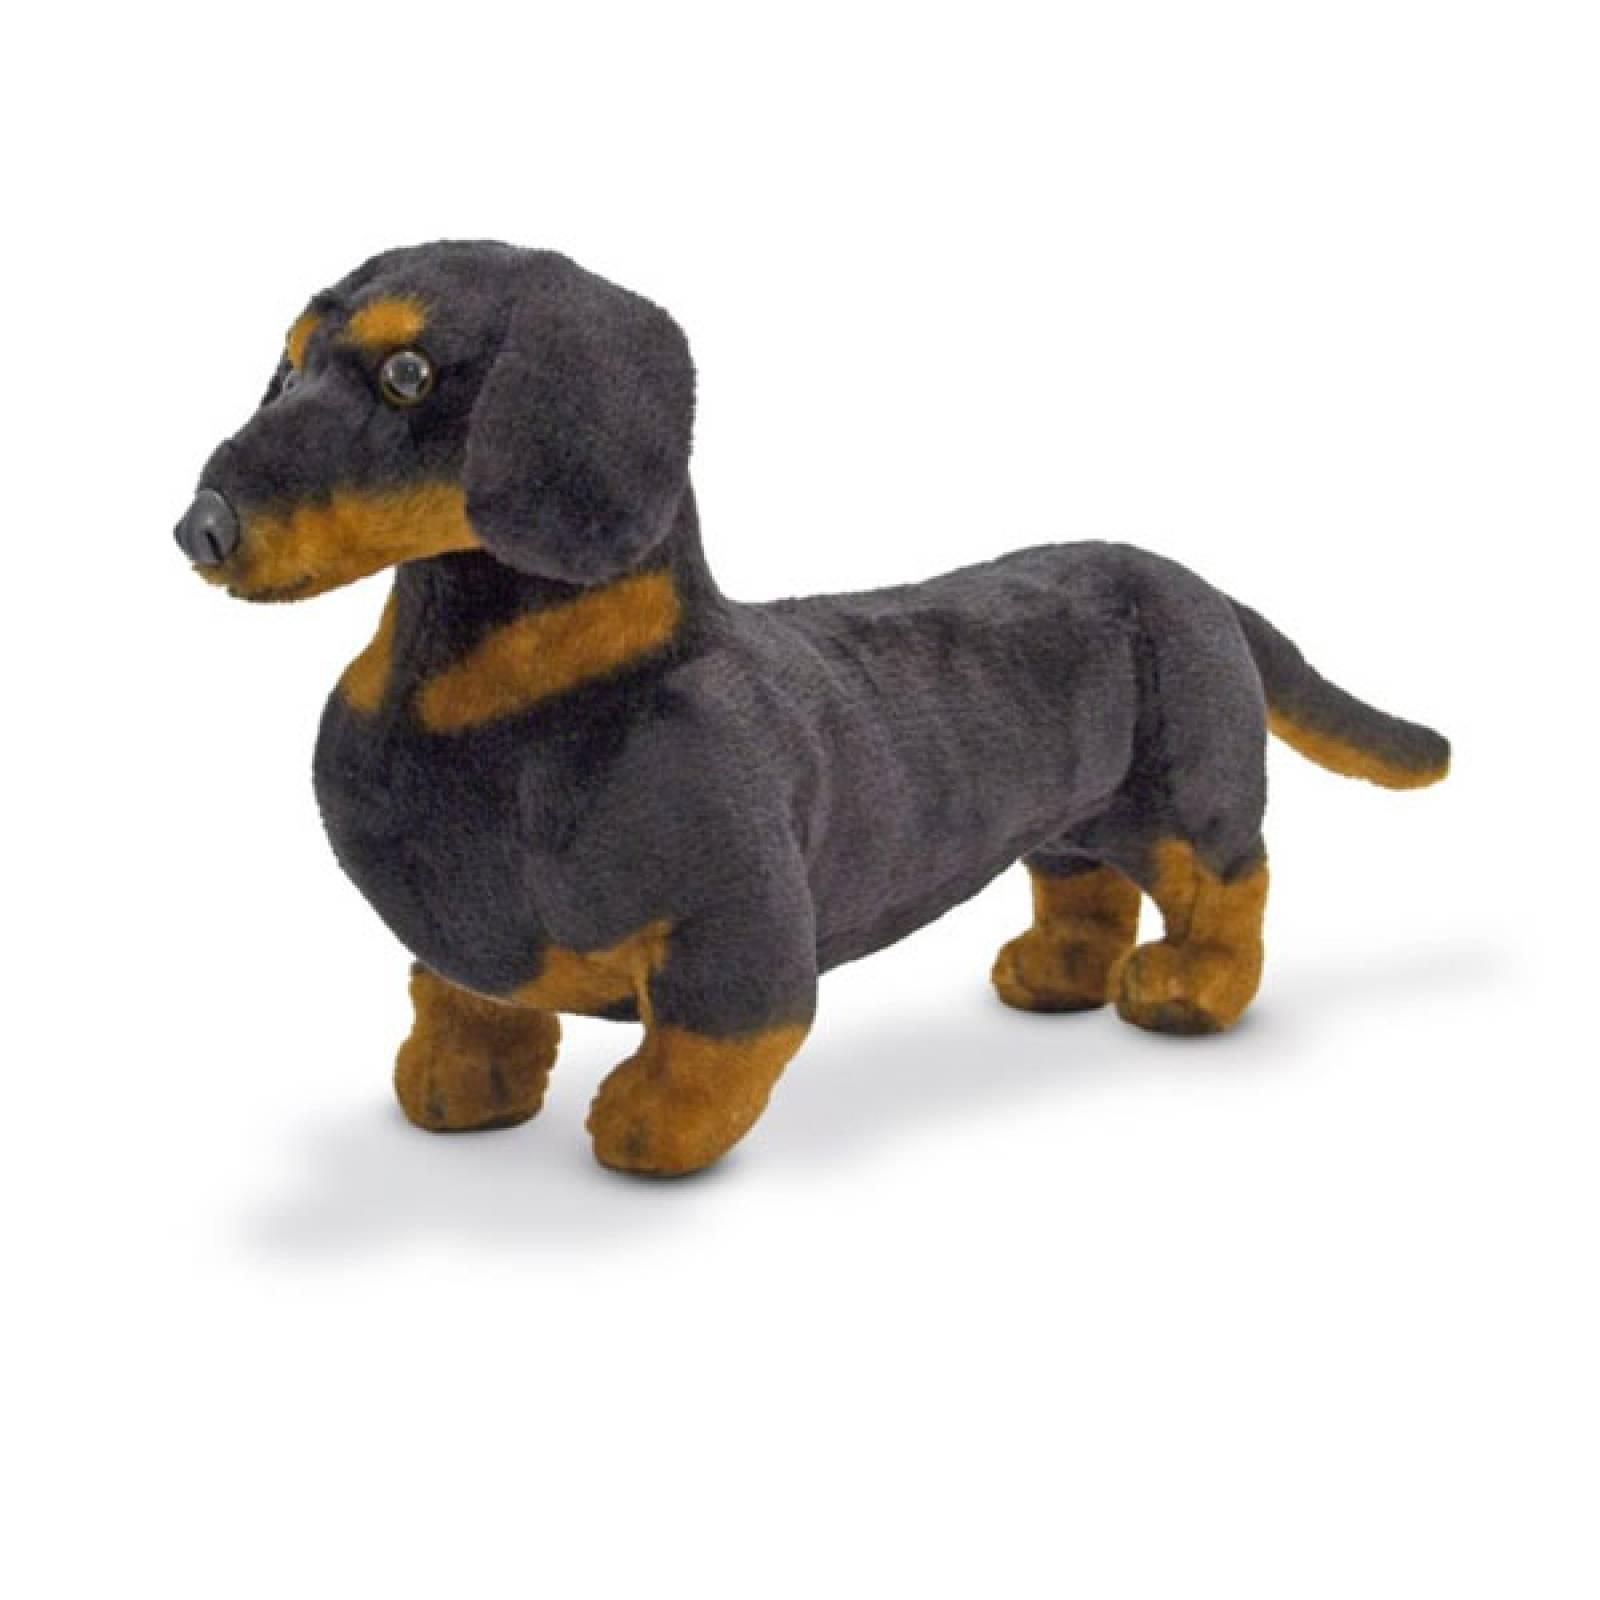 Dachshund Dog Soft Toy Animal 3+